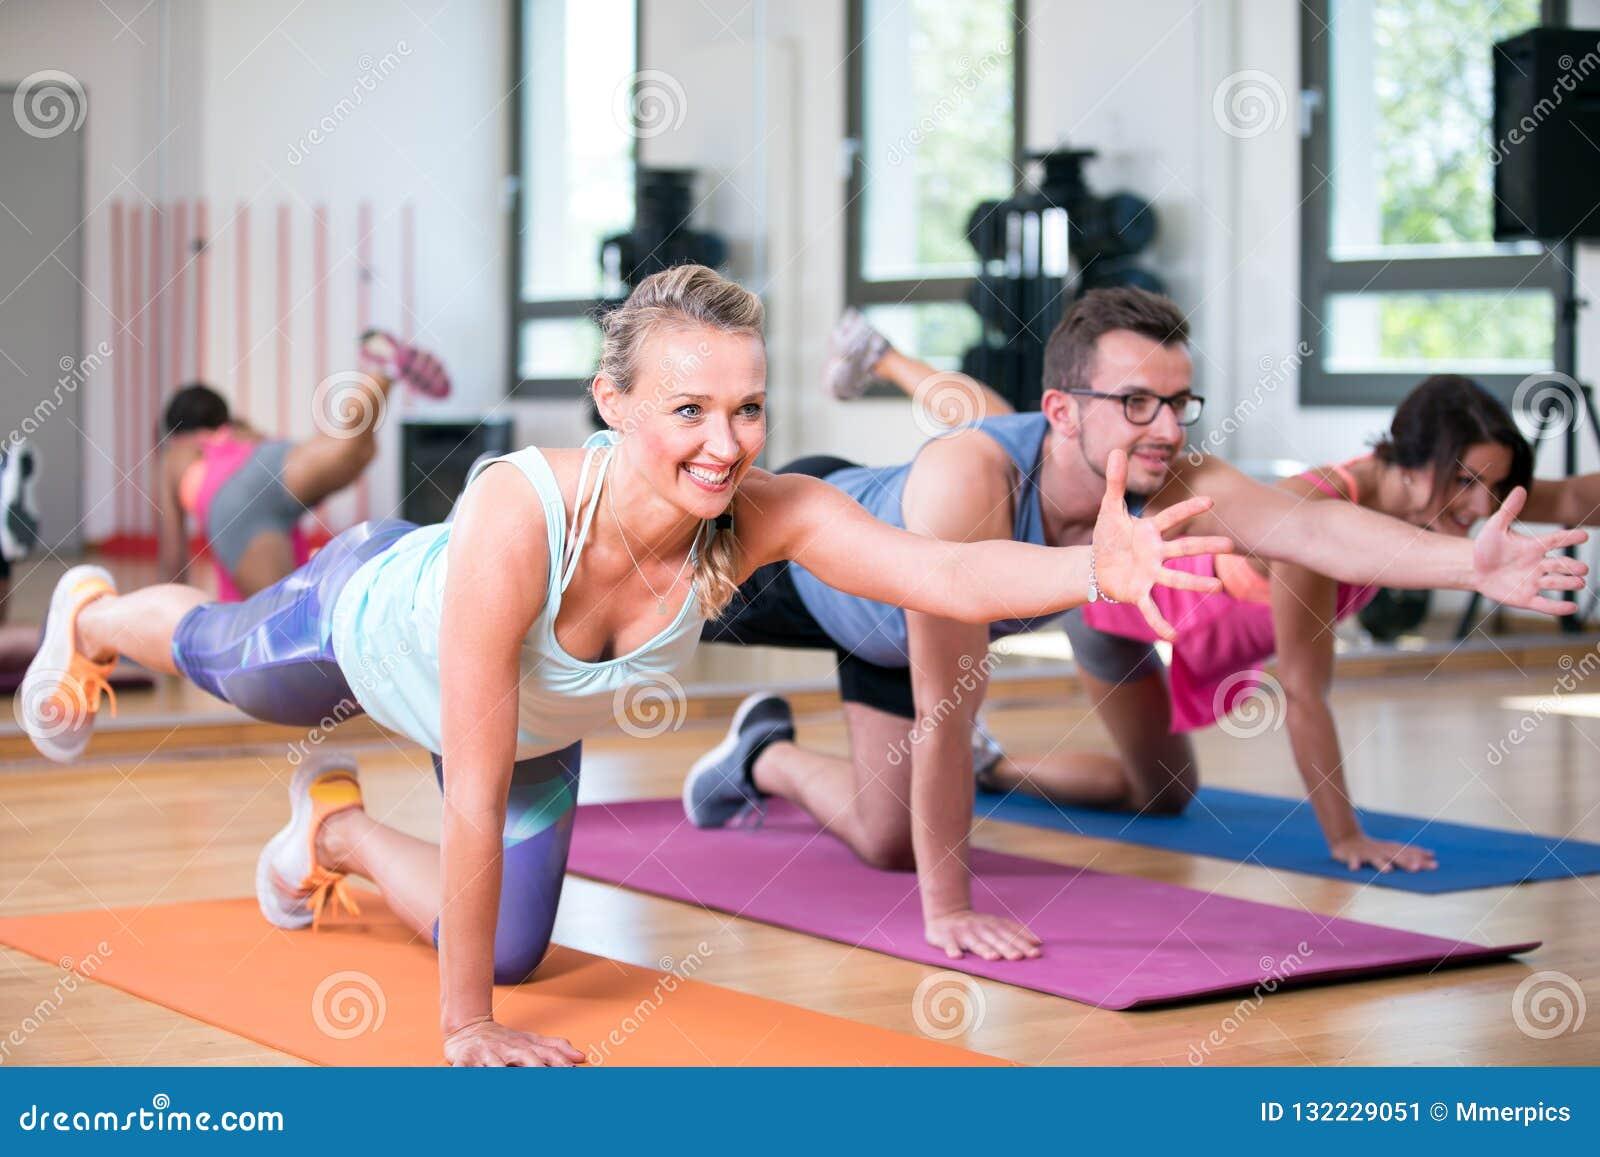 Красивая группа человека женщин делает разминку фитнеса спорта в спортзале